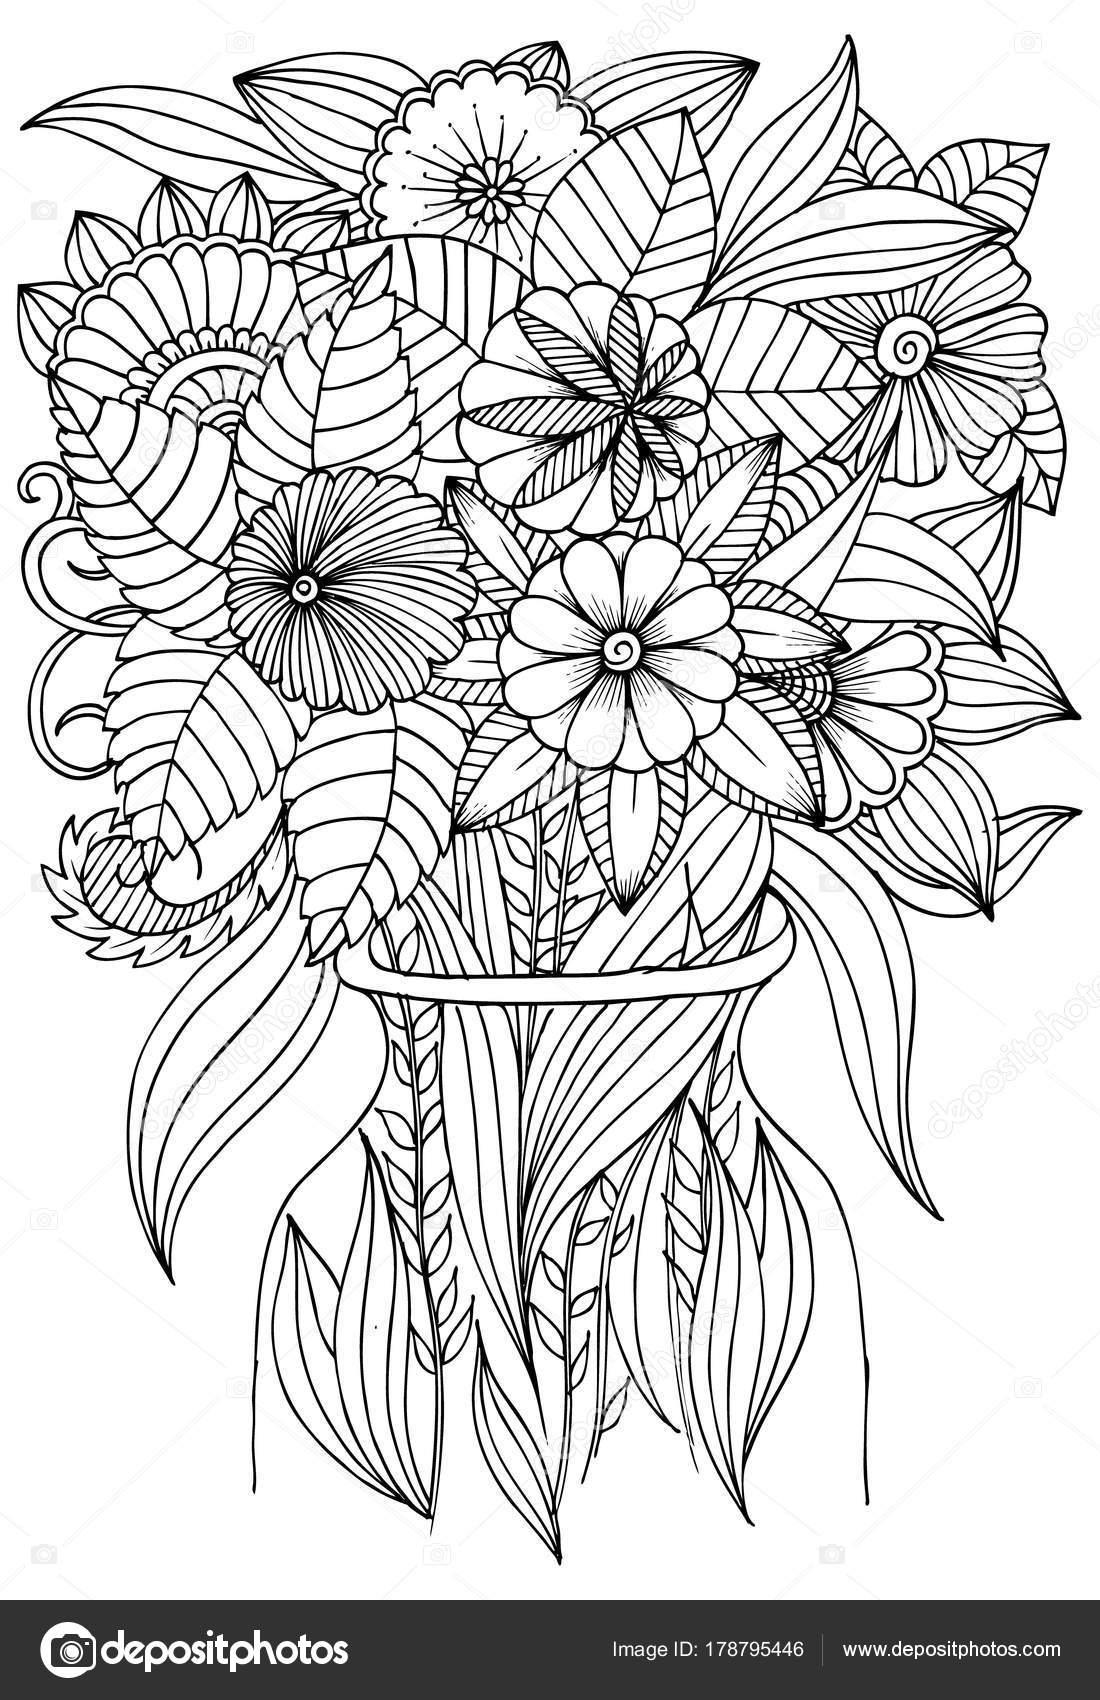 Kleurplaten Vaas Met Bloemen.Bloemen In Vaas Voor Kunstzinnige Therapie Boek Kleurplaten